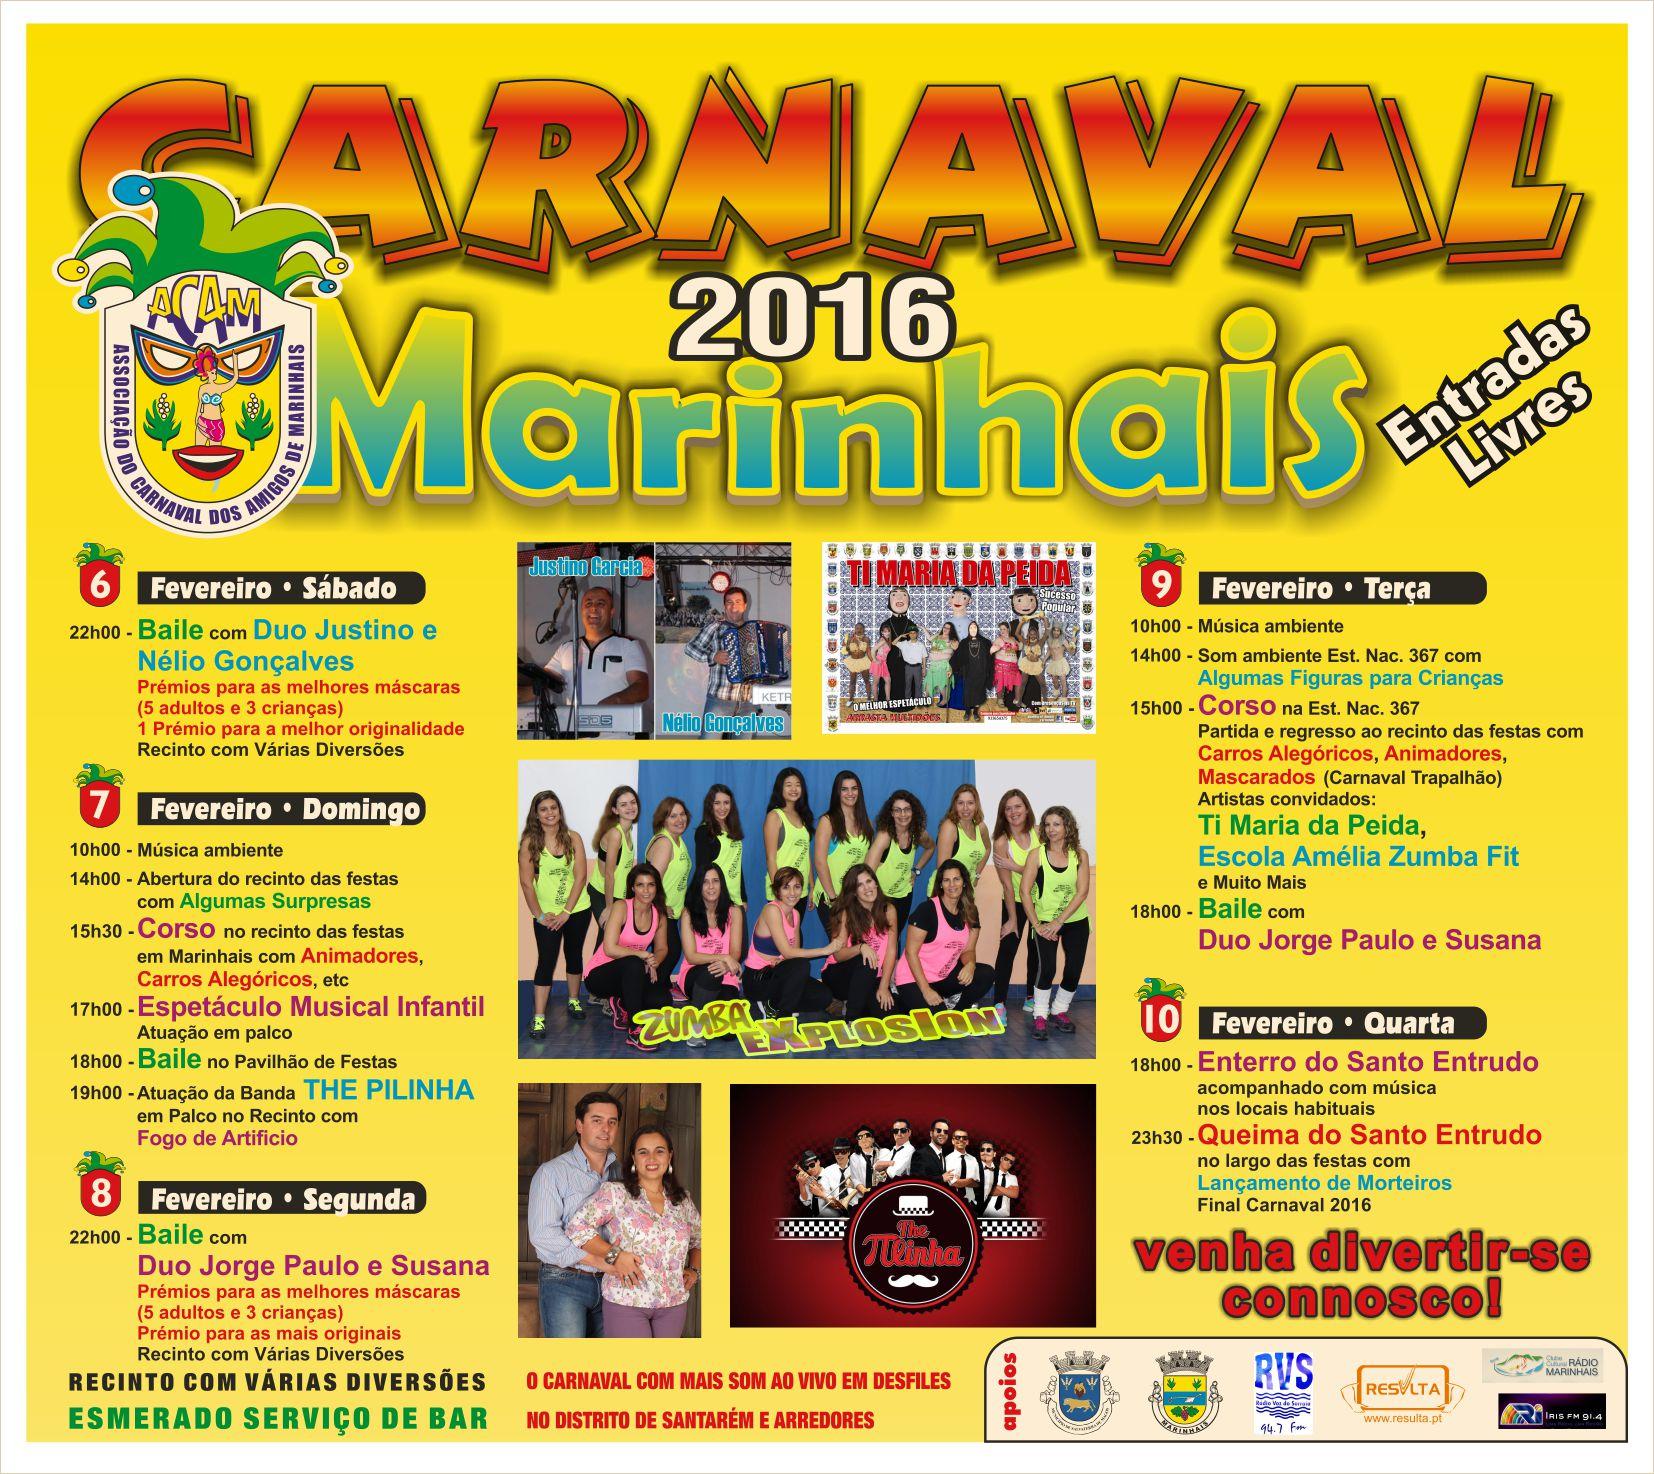 carnaval marinhais